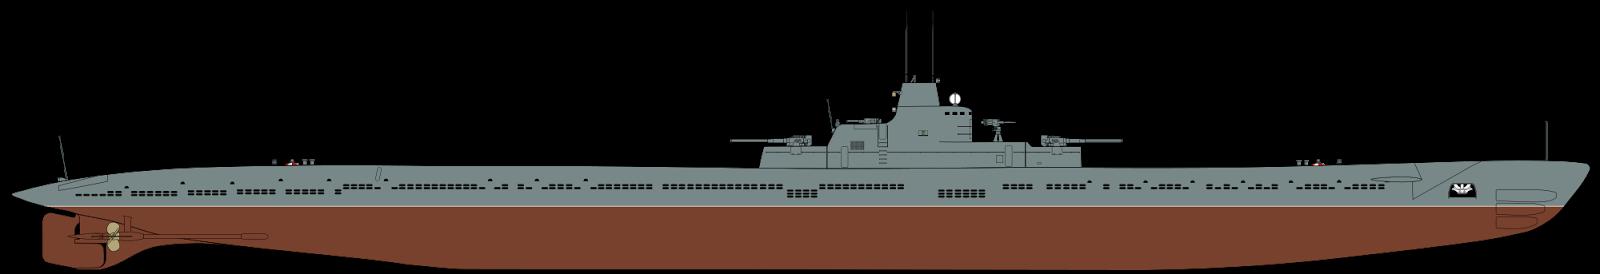 большие подводные лодки типа к